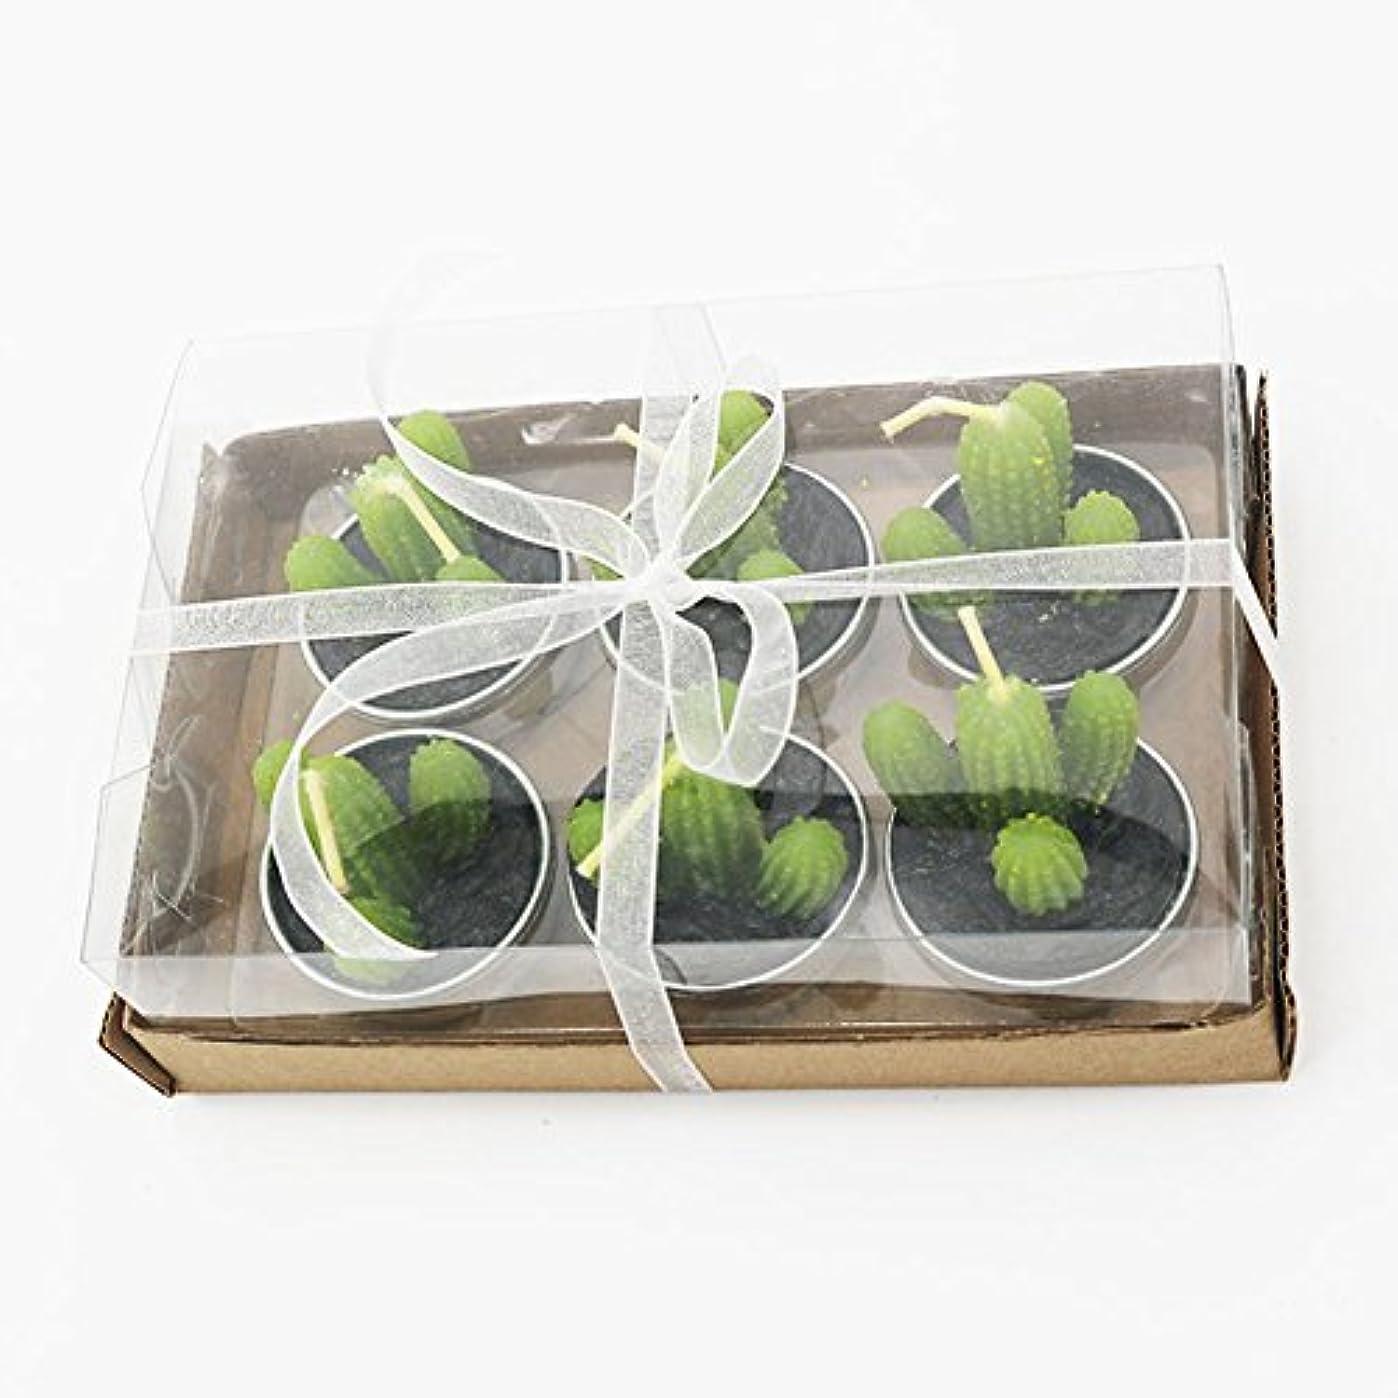 観点じゃがいも曲Liebeye キャンドル 多肉植物スモークフリーのクリエイティブなキャンドル100%自然のワックスかわいい模造植物フルーツの形状低温キャンドル 6個/箱 カクタス?ボックス